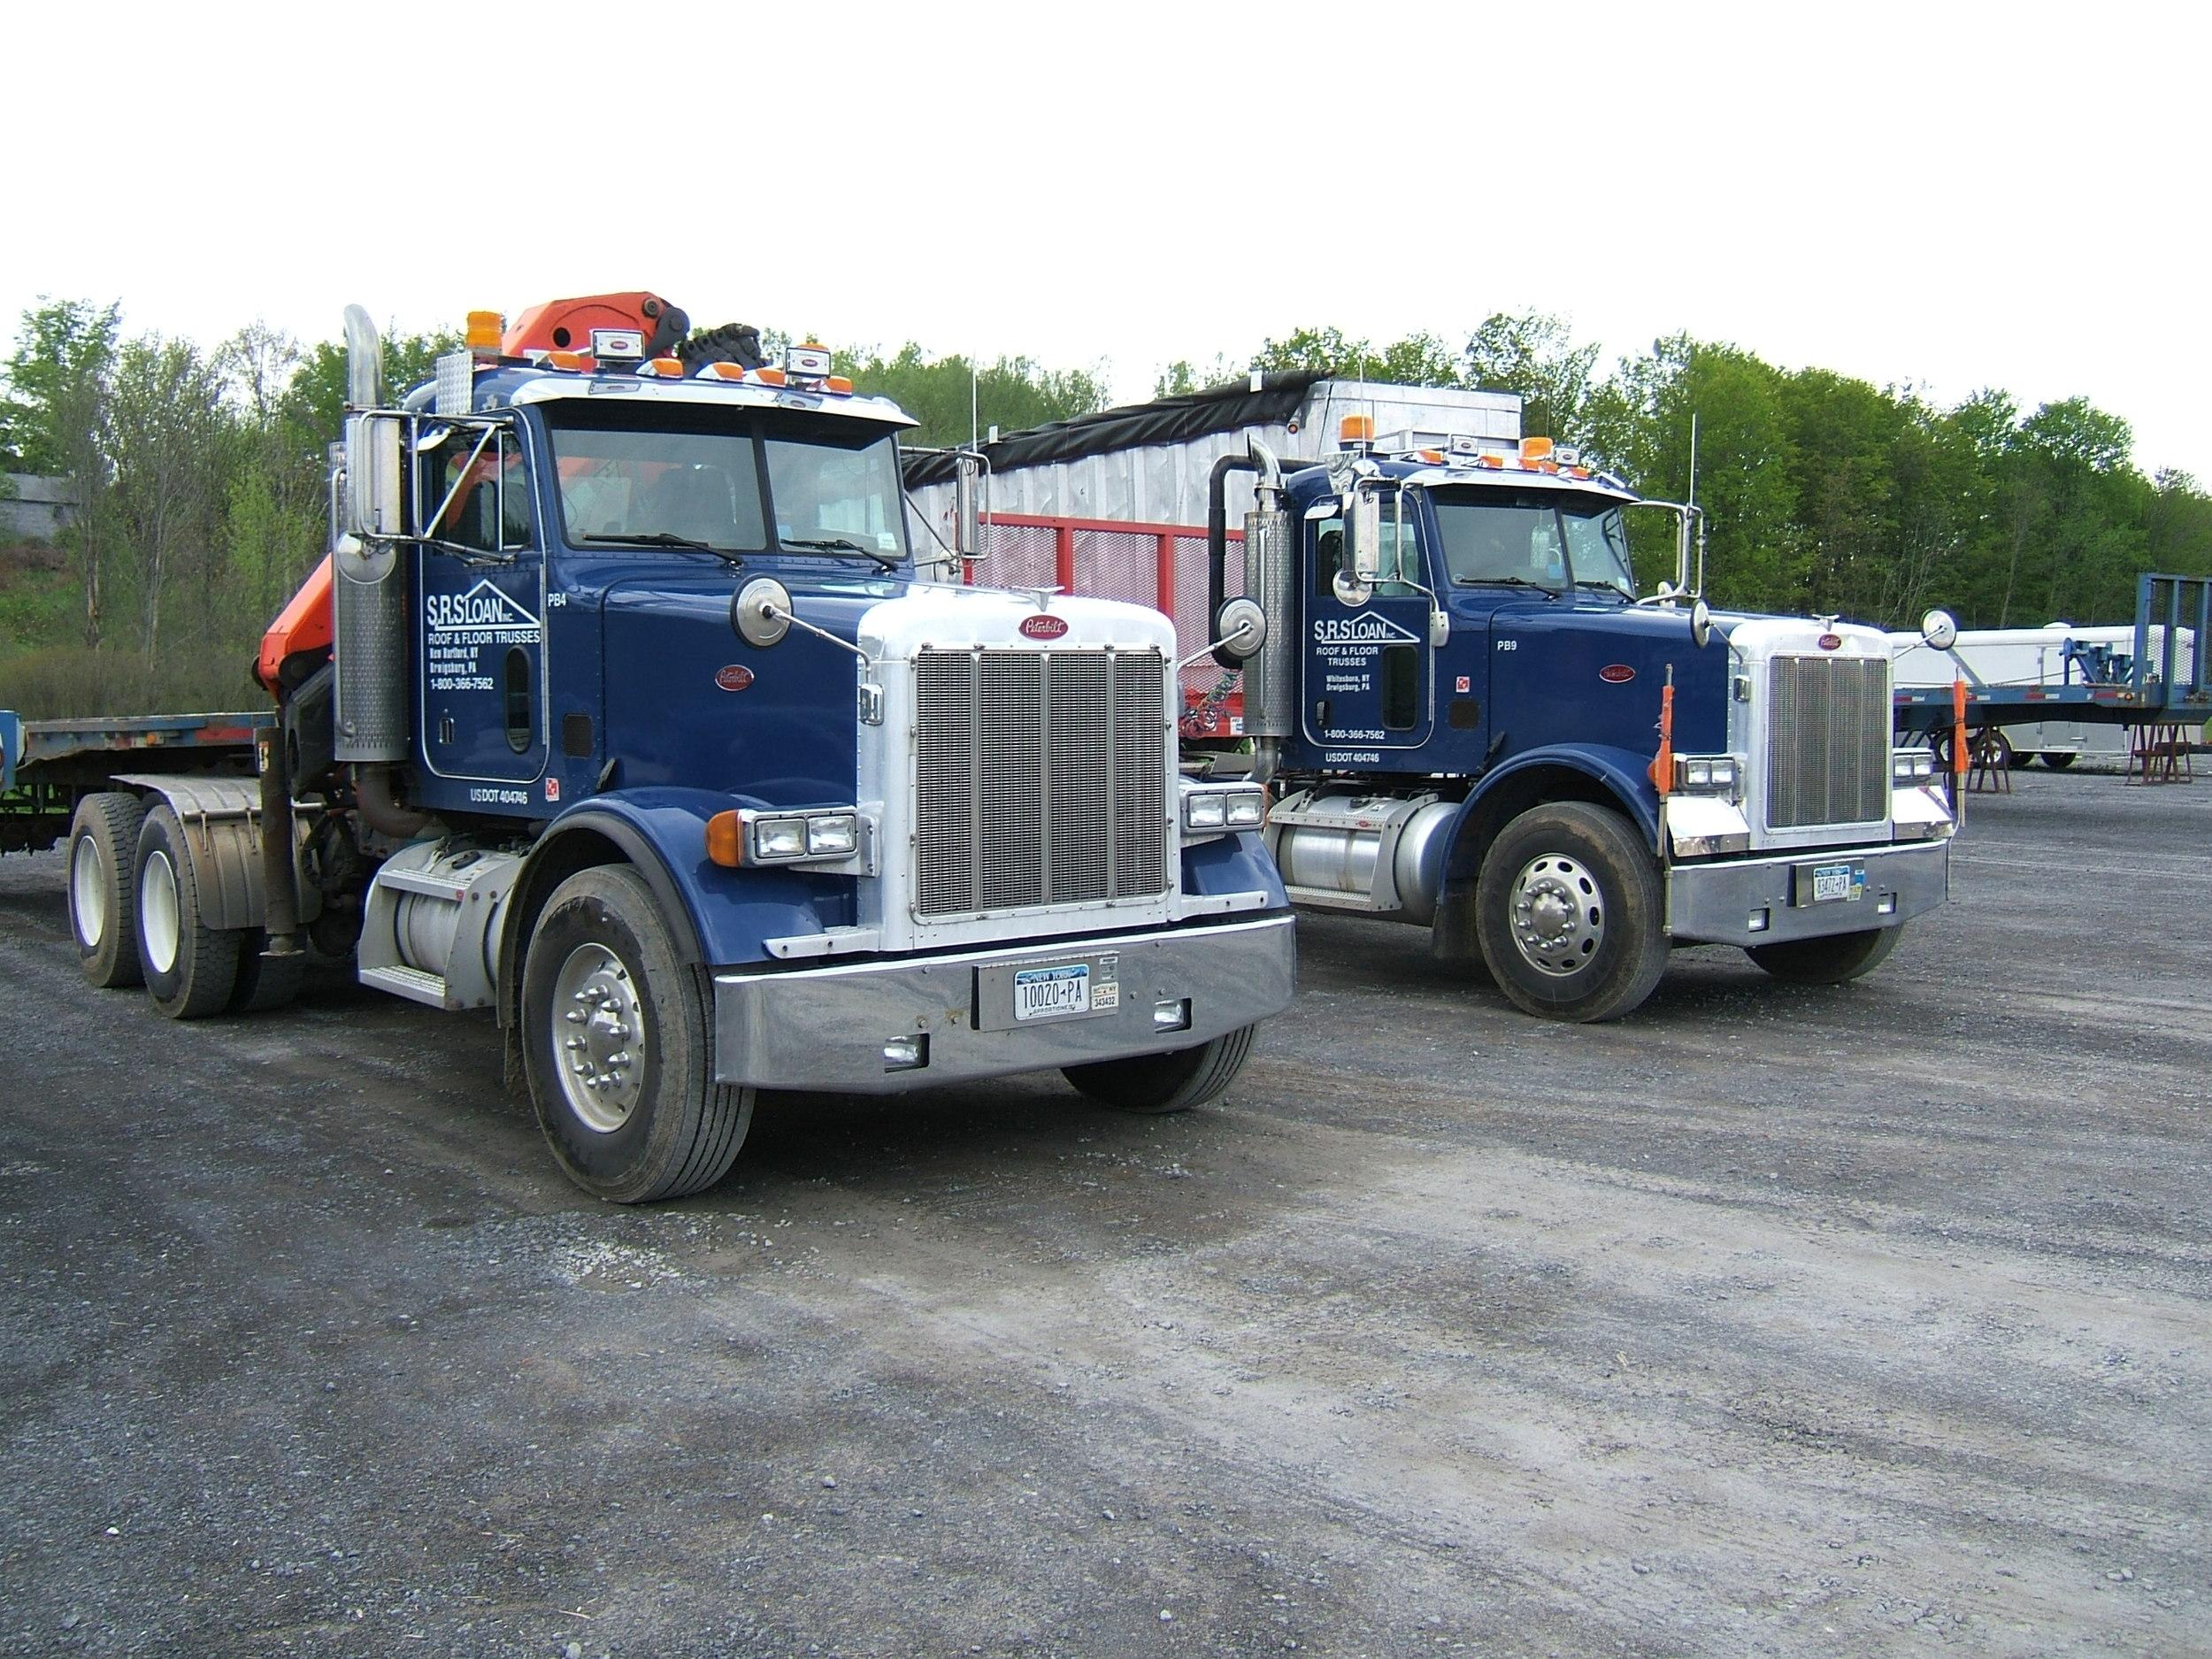 sr sloan trucks.JPG